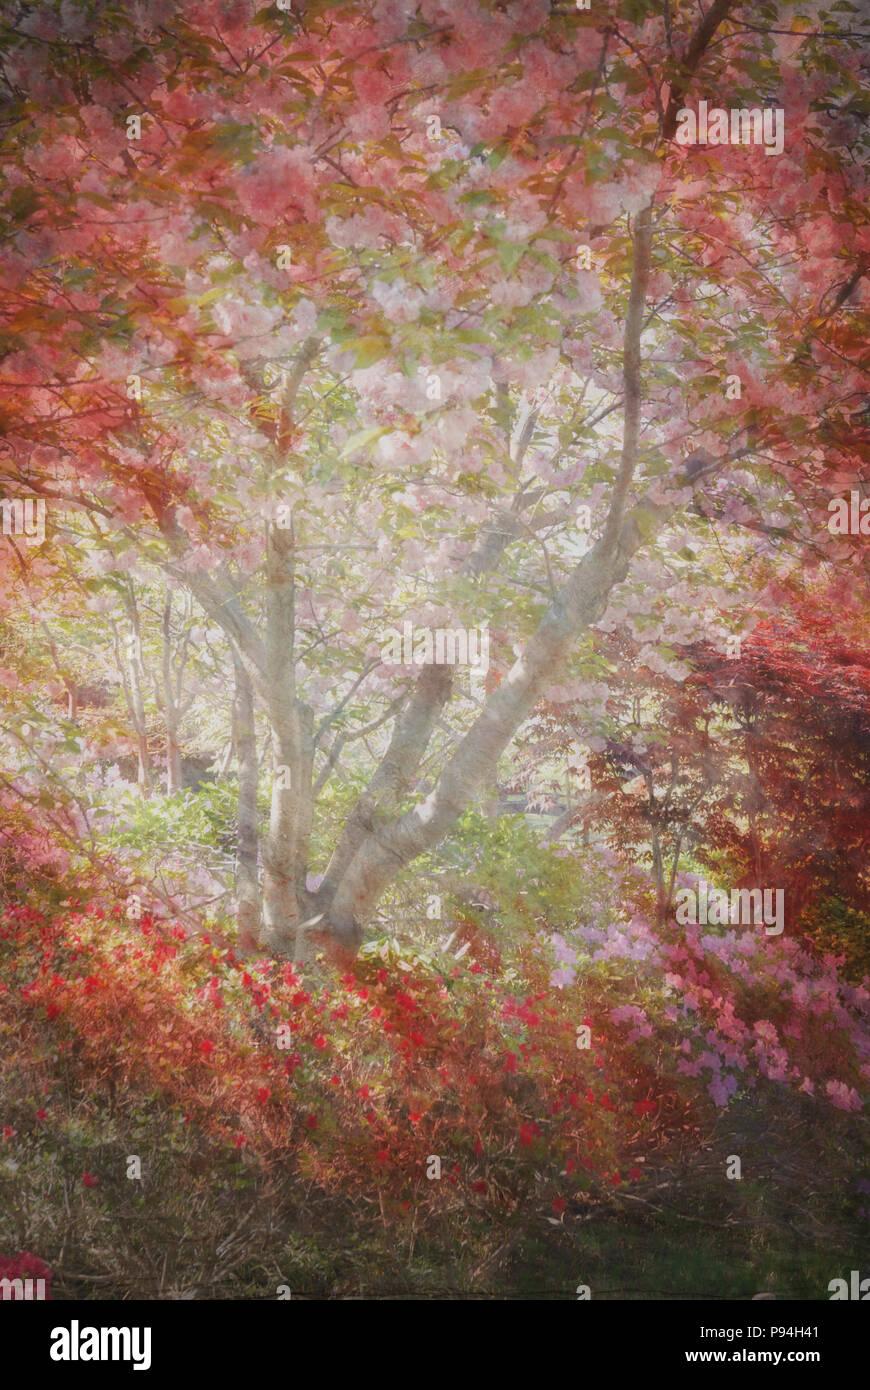 Abstrakte, wunderschön bemalte Garten Szene mit Baum, bemalten Hintergrund. Stockbild